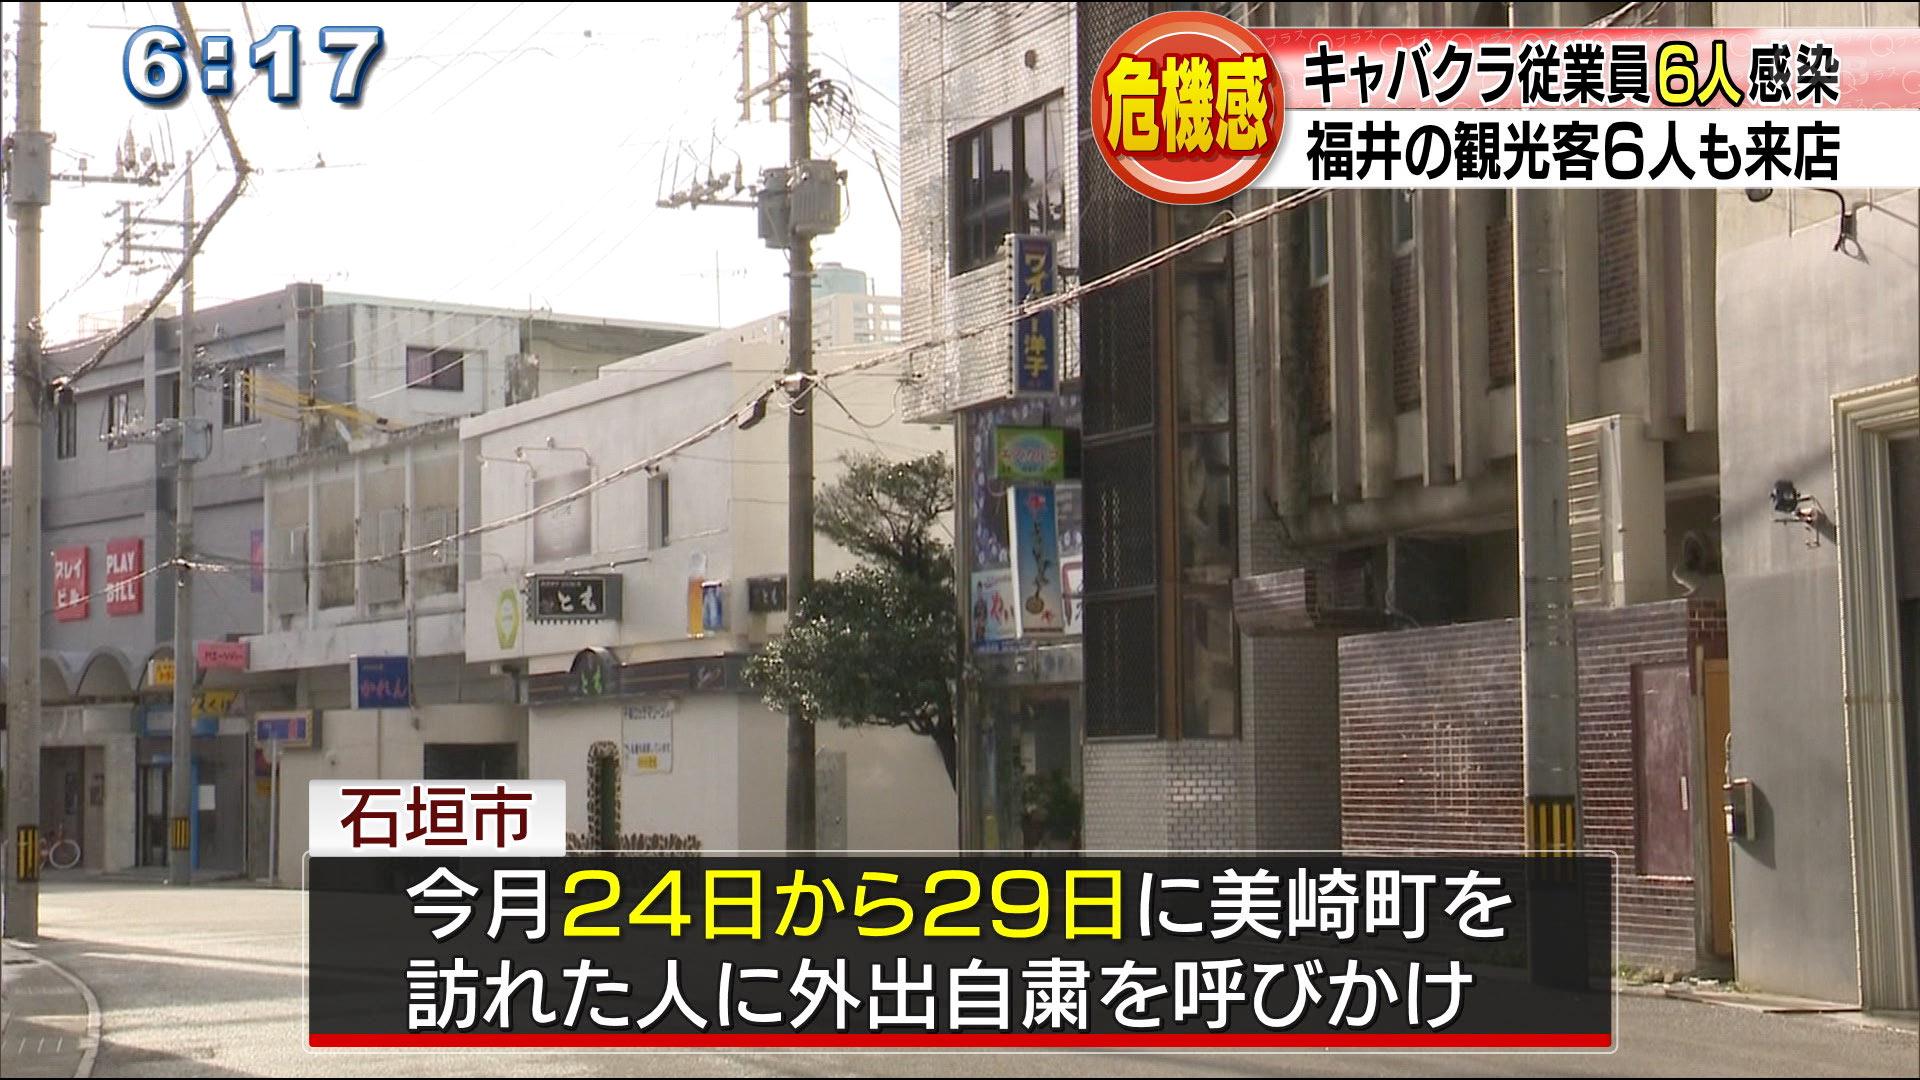 石垣市 6人クラスター発生で危機感